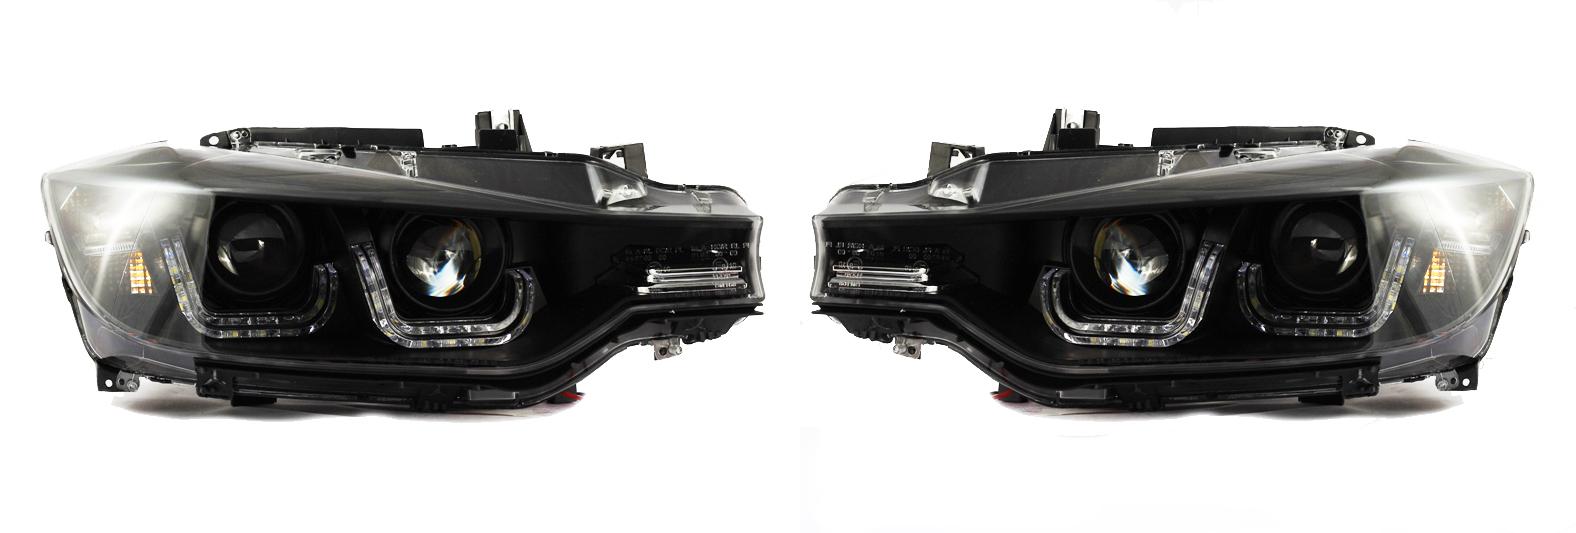 bmw 3er f30 f31 2011 schwarze led drl doppel u scheinwerfer projektor ebay. Black Bedroom Furniture Sets. Home Design Ideas